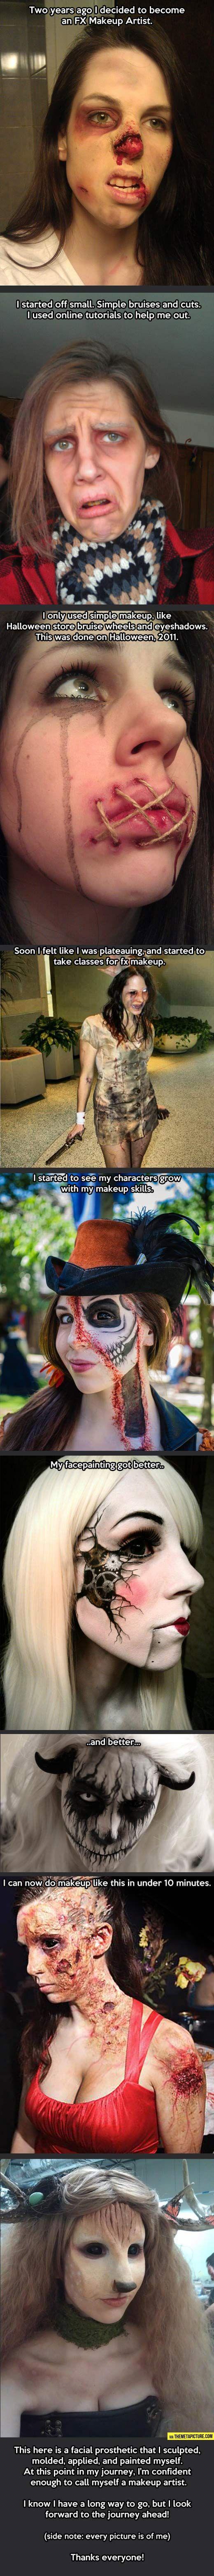 Superb makeup talent…